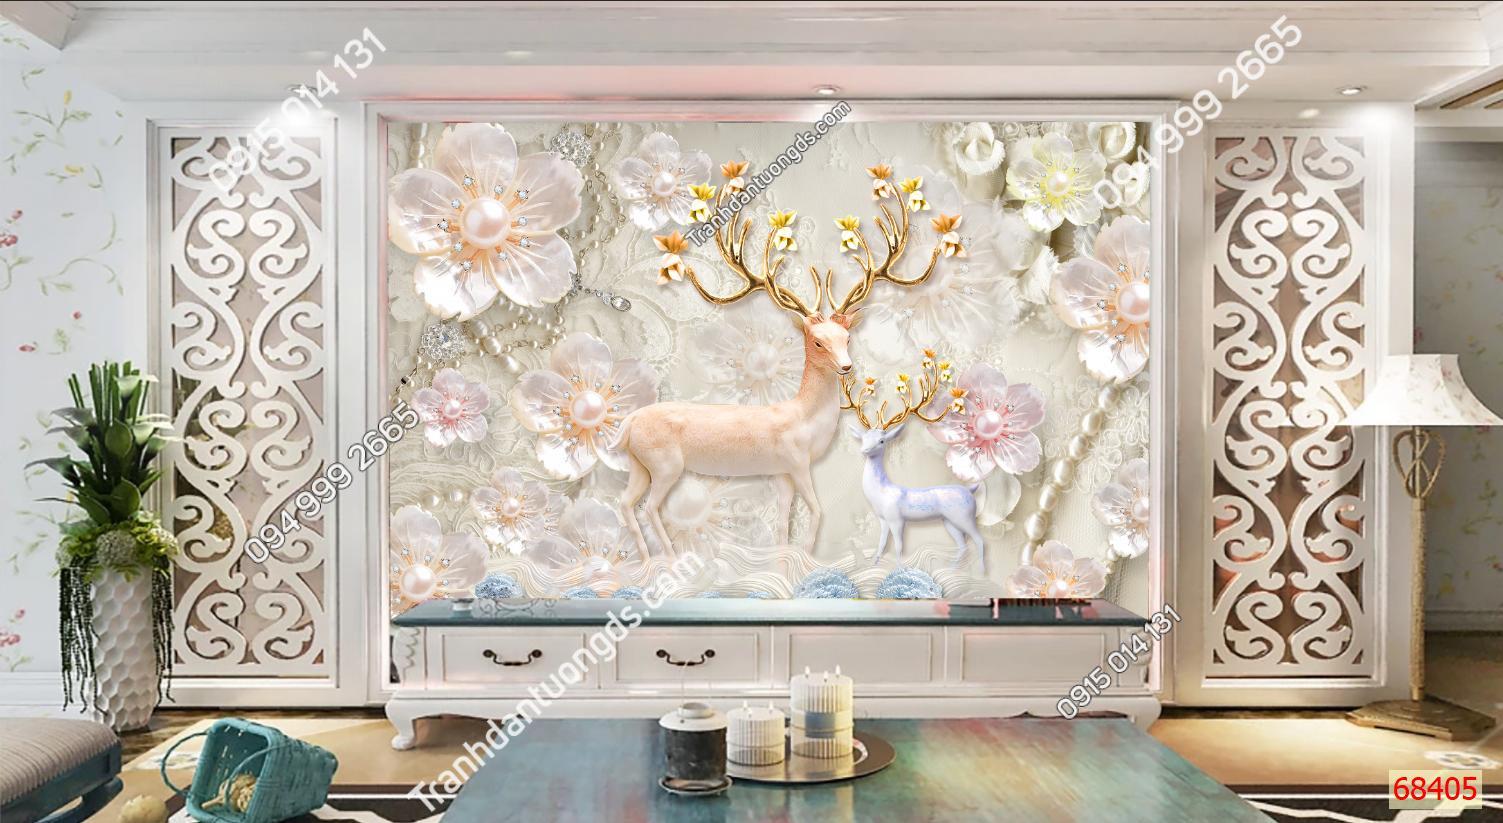 Tranh dán tường hươu hoa 3D 68405 demo